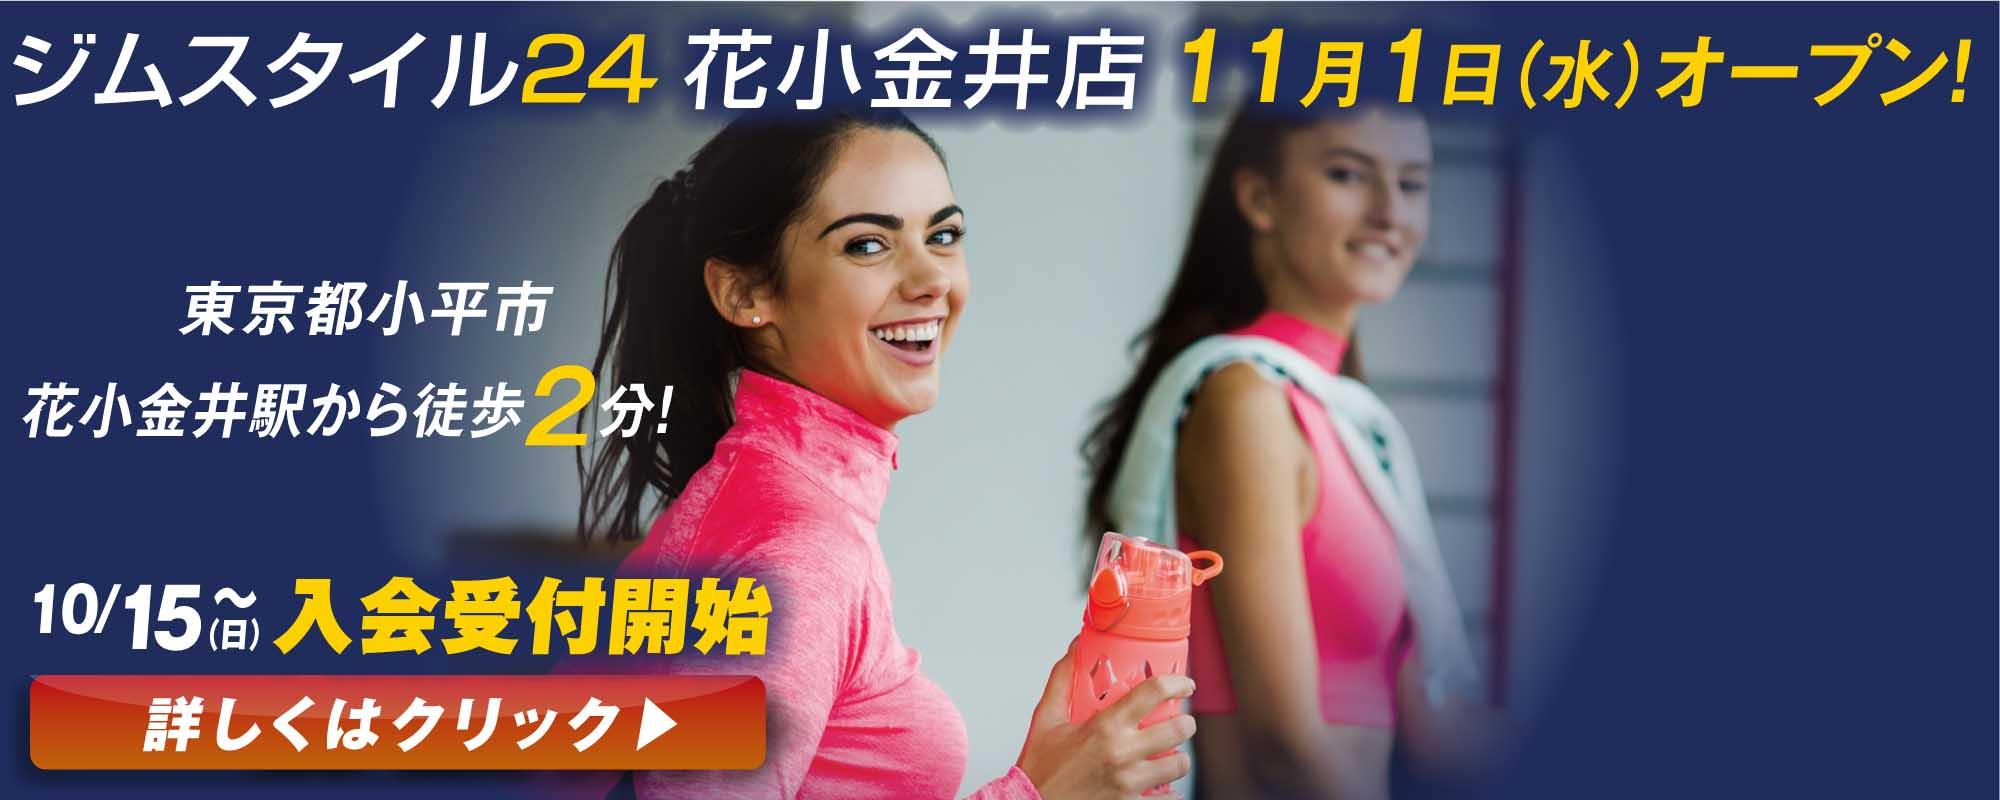 ジムスタイル24 花小金井店 11月1日(水)オープン! 10月15日(日)入会受付開始